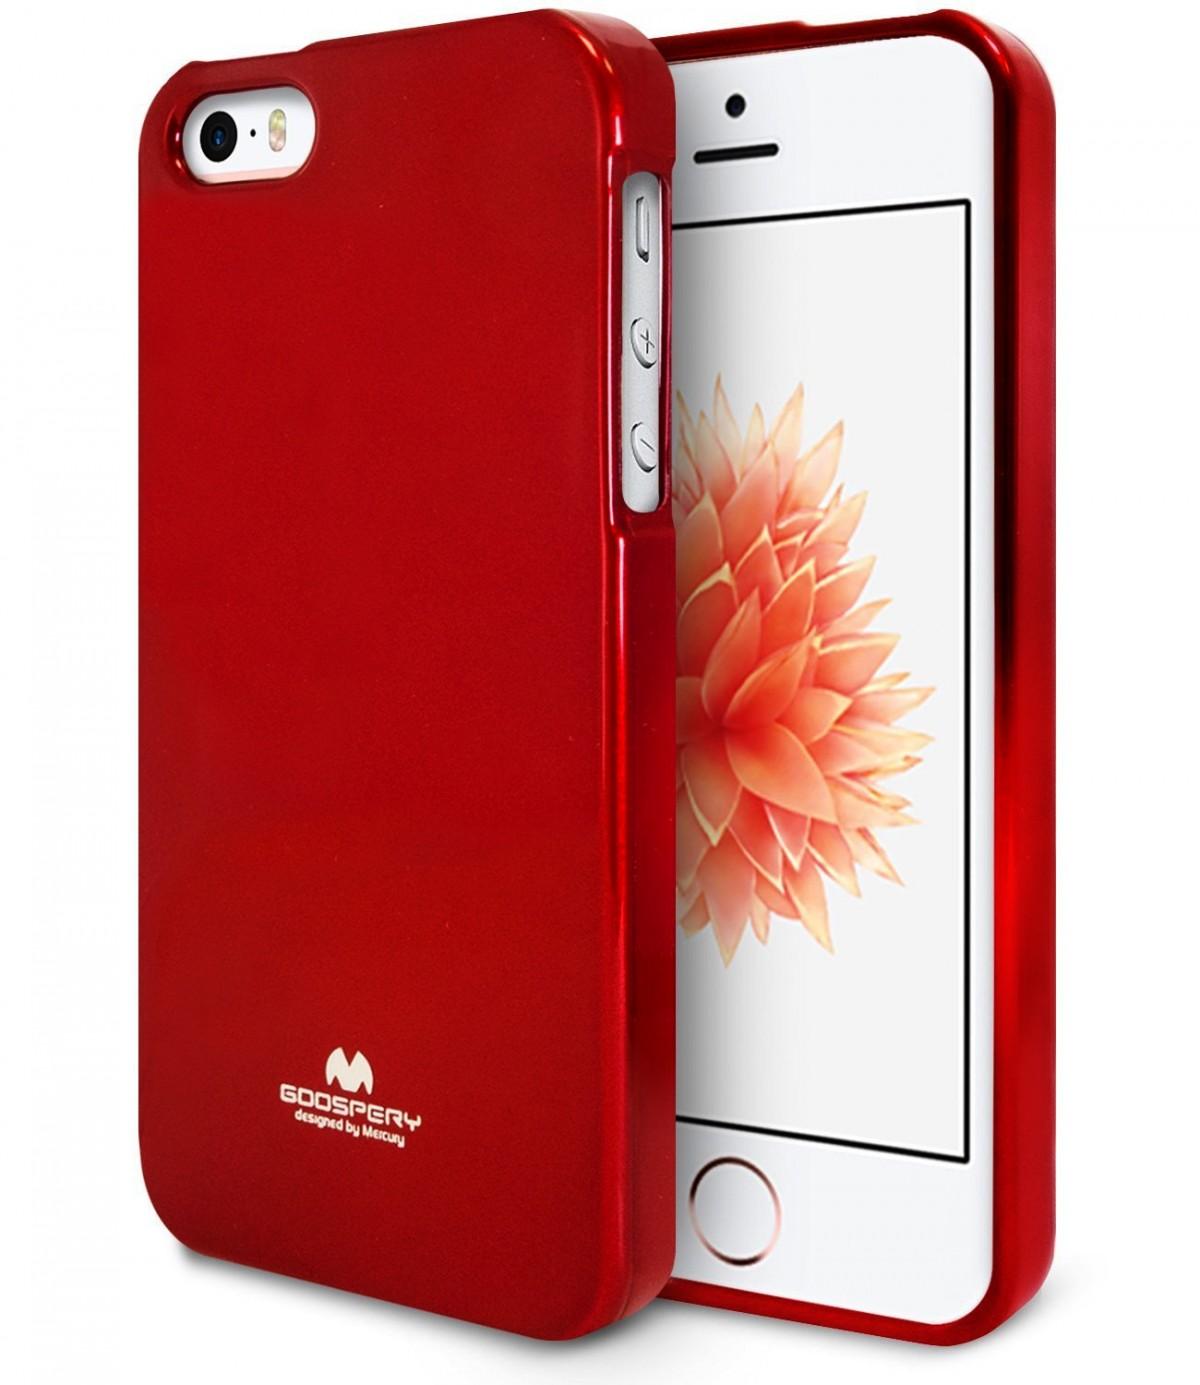 Silikonové obaly / kryty Goospery Mercury pro Apple iPhone SE / 5s / 5c / 5 - Vínově červený